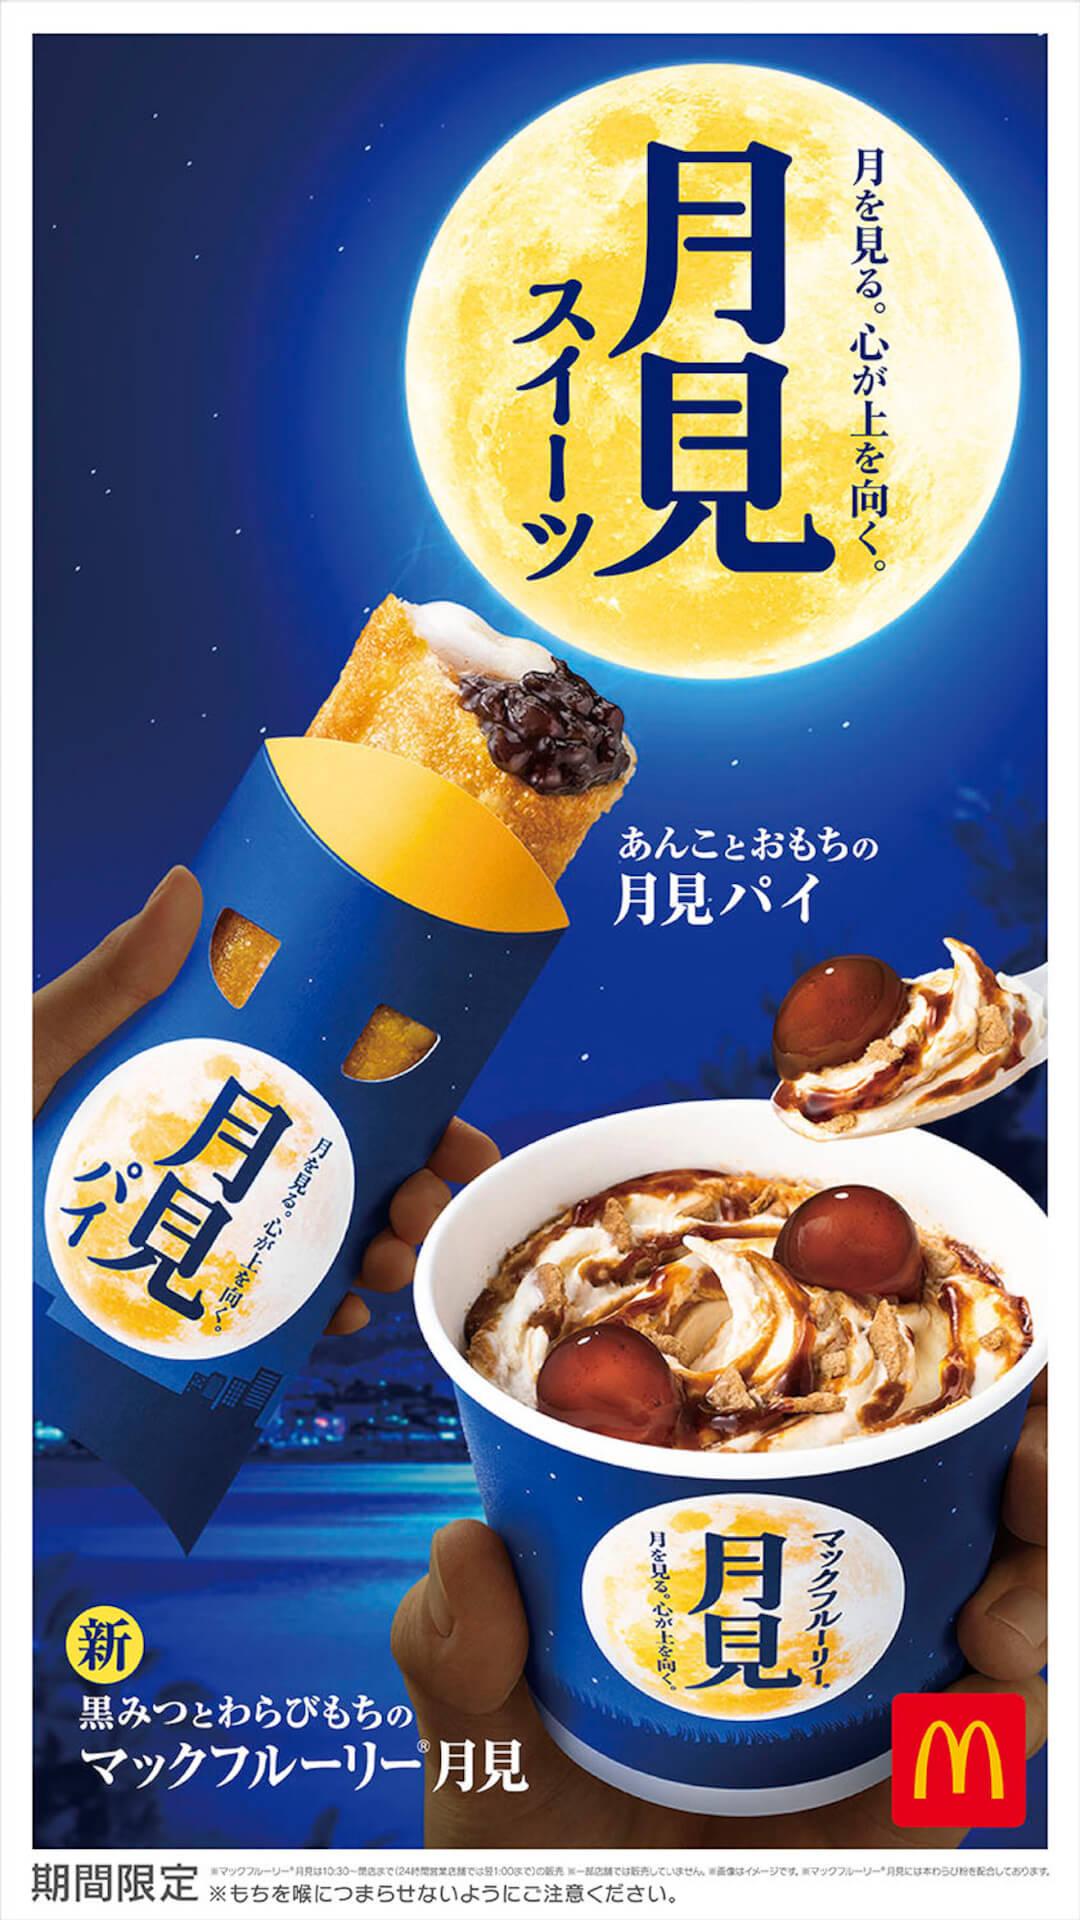 マクドナルドの定番「月見バーガー」シリーズに今年は濃厚ふわとろ月見、月見パイ、マックフルーリー月見が登場! gourmet200826_mcdonald_tsukimi_3